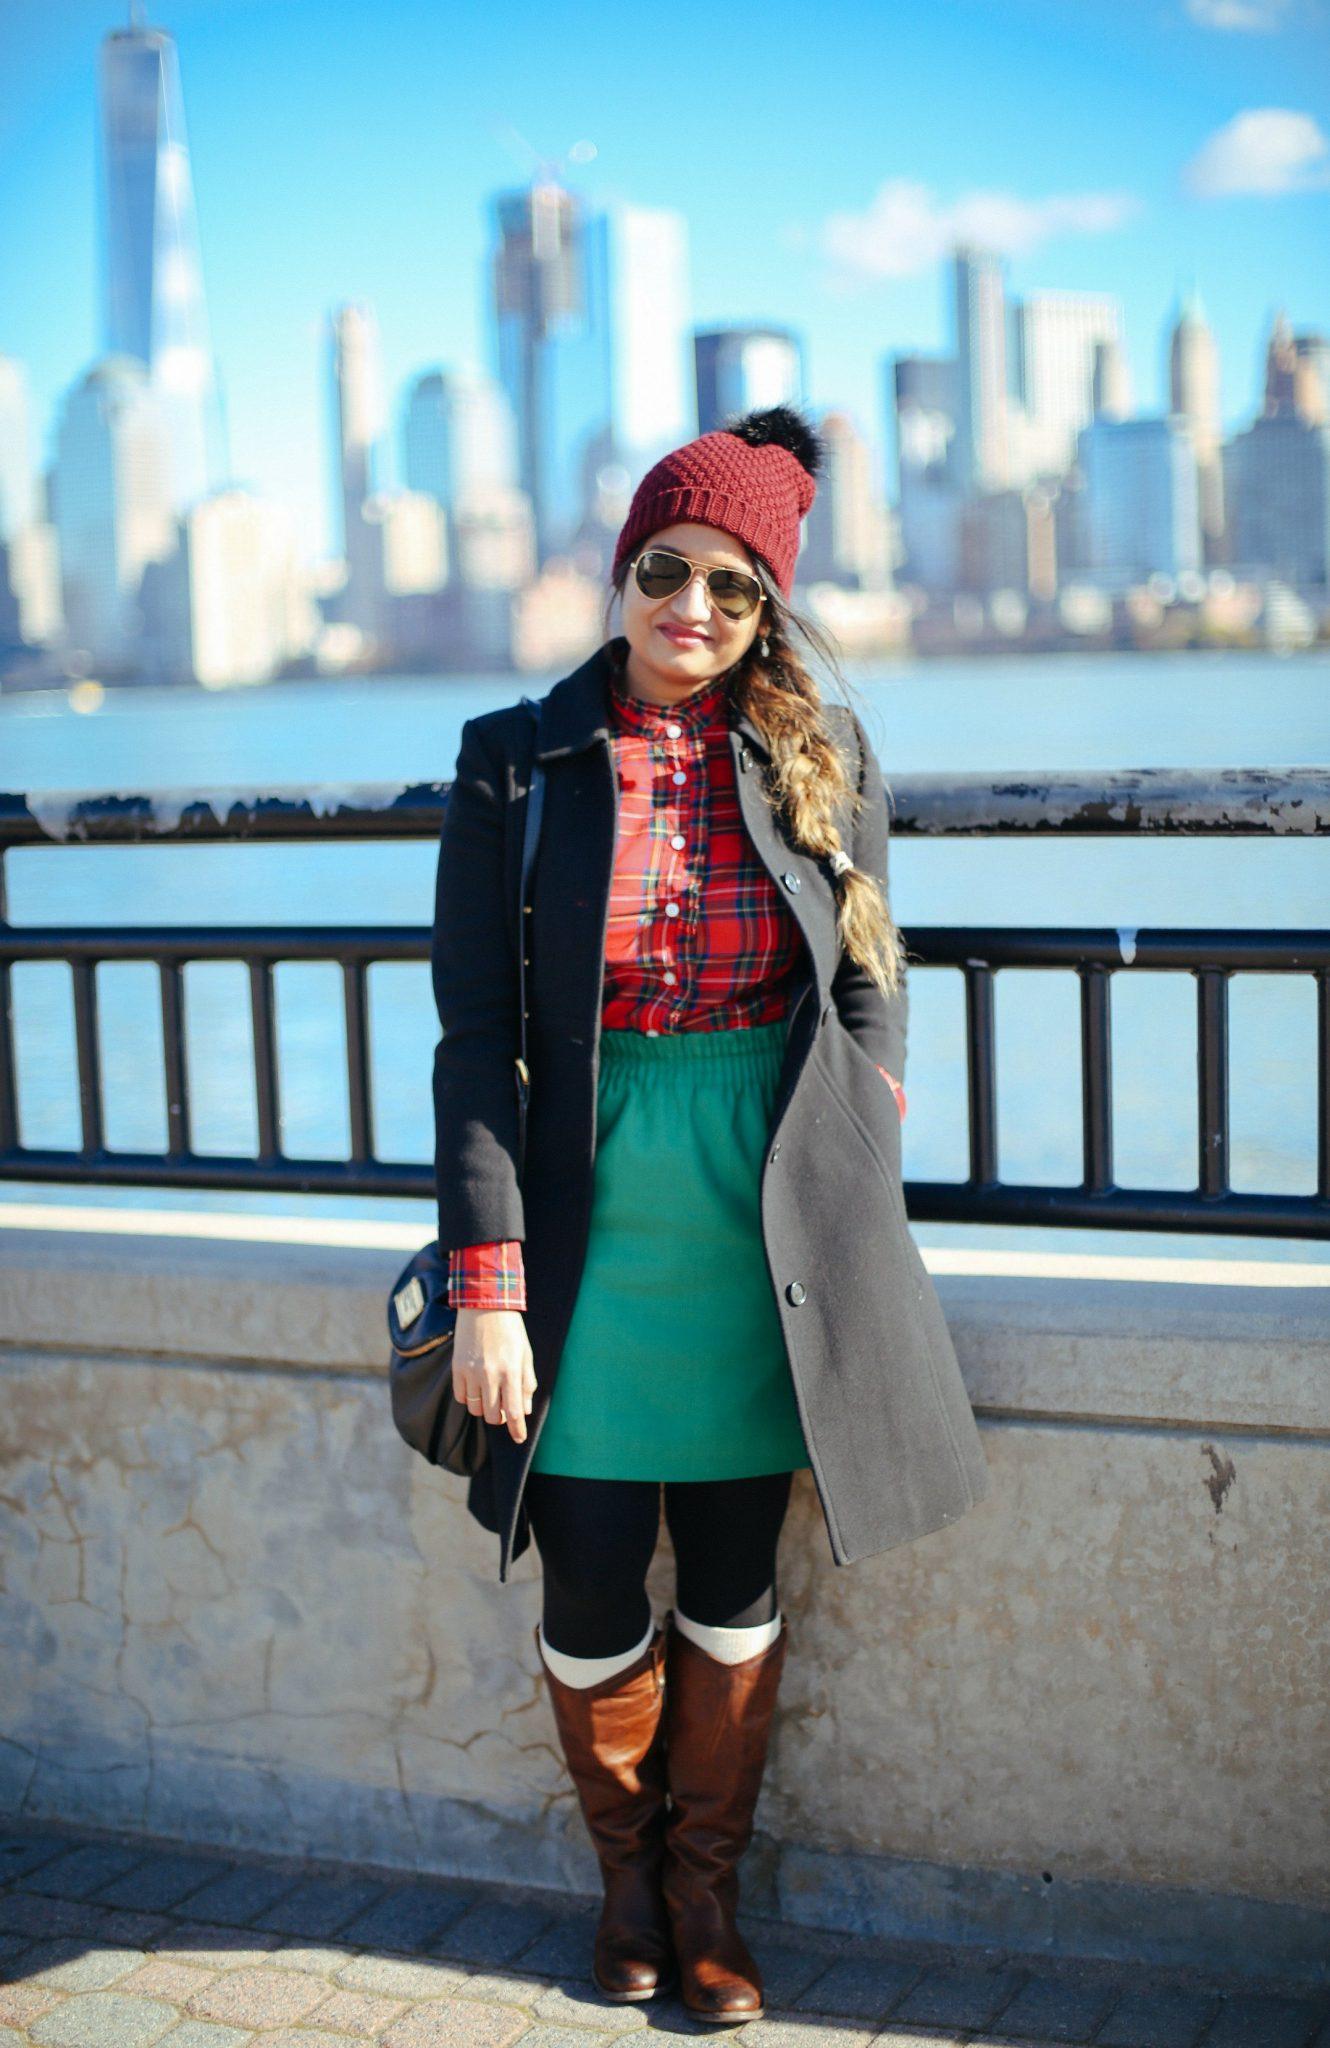 Jcrew Lady coat in black, Jcrew factory side walk skirt